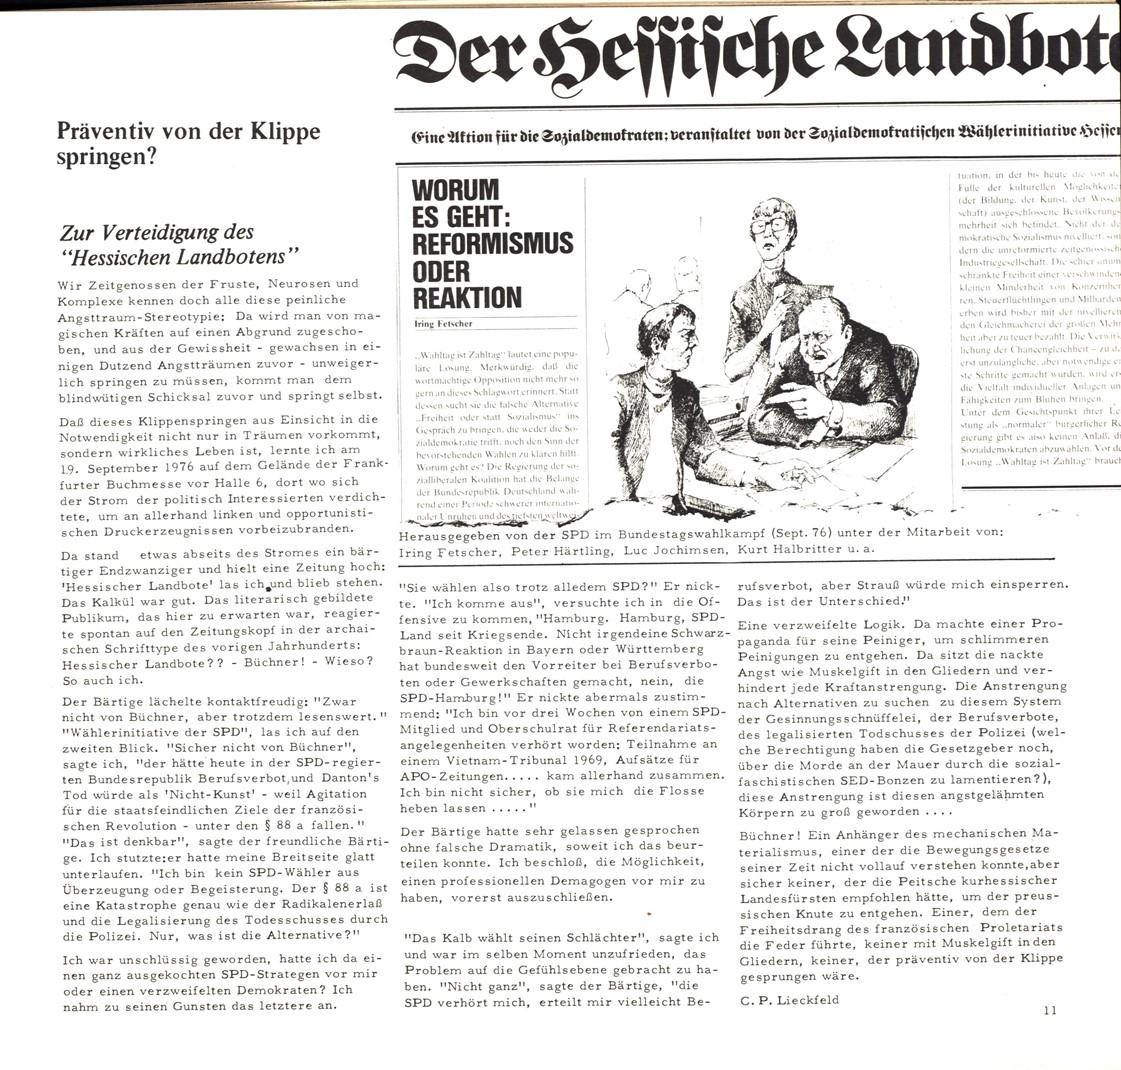 VSK_Kaempfende_Kunst_19761200_11